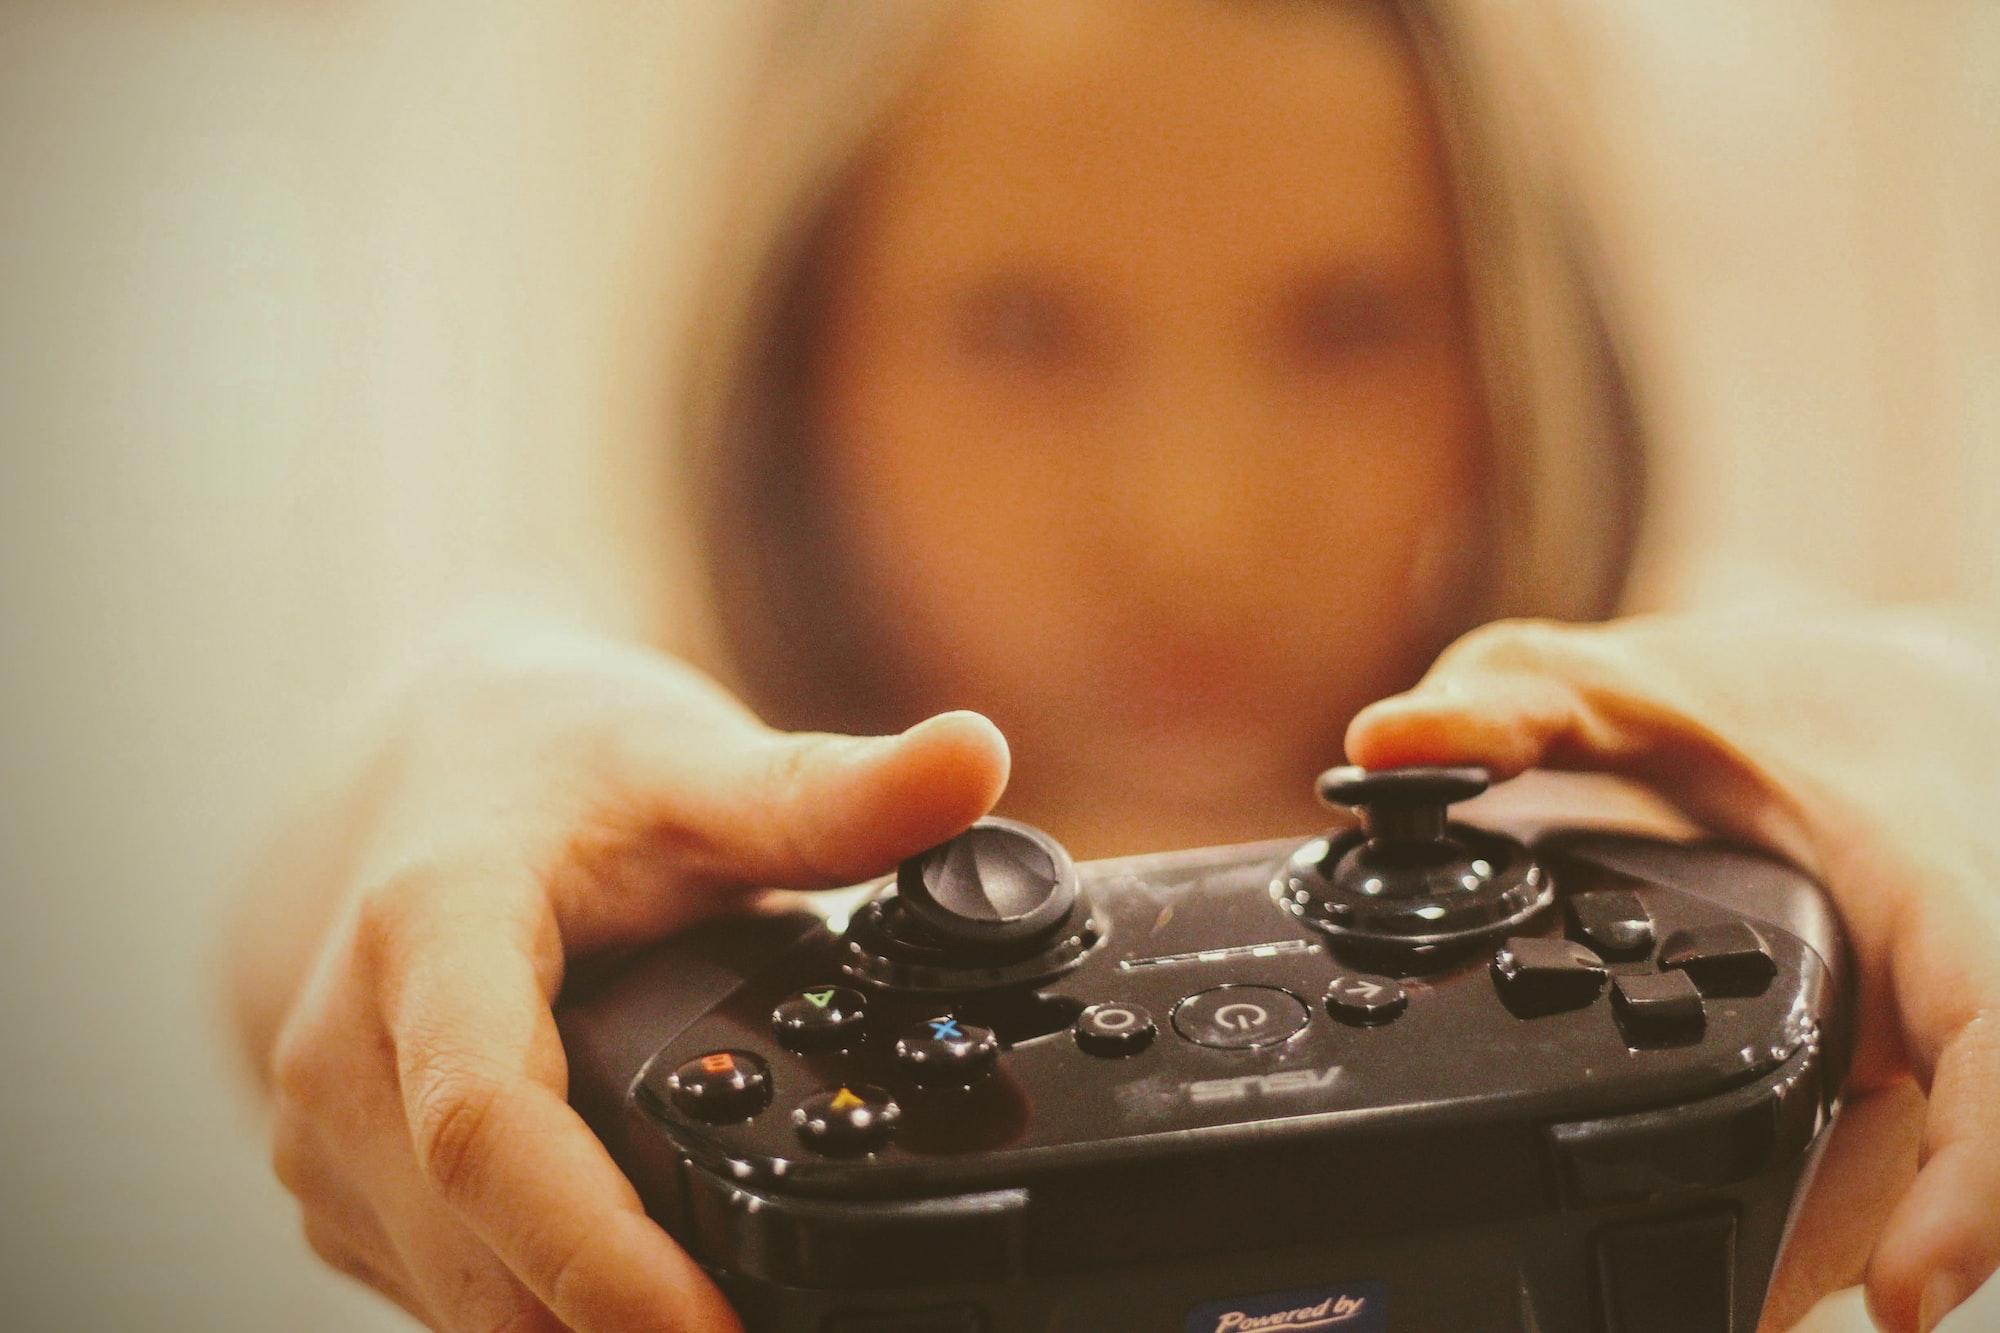 Violences sexistes et sexuelles en entreprise : ce que la crise d'Ubisoft nous apprend